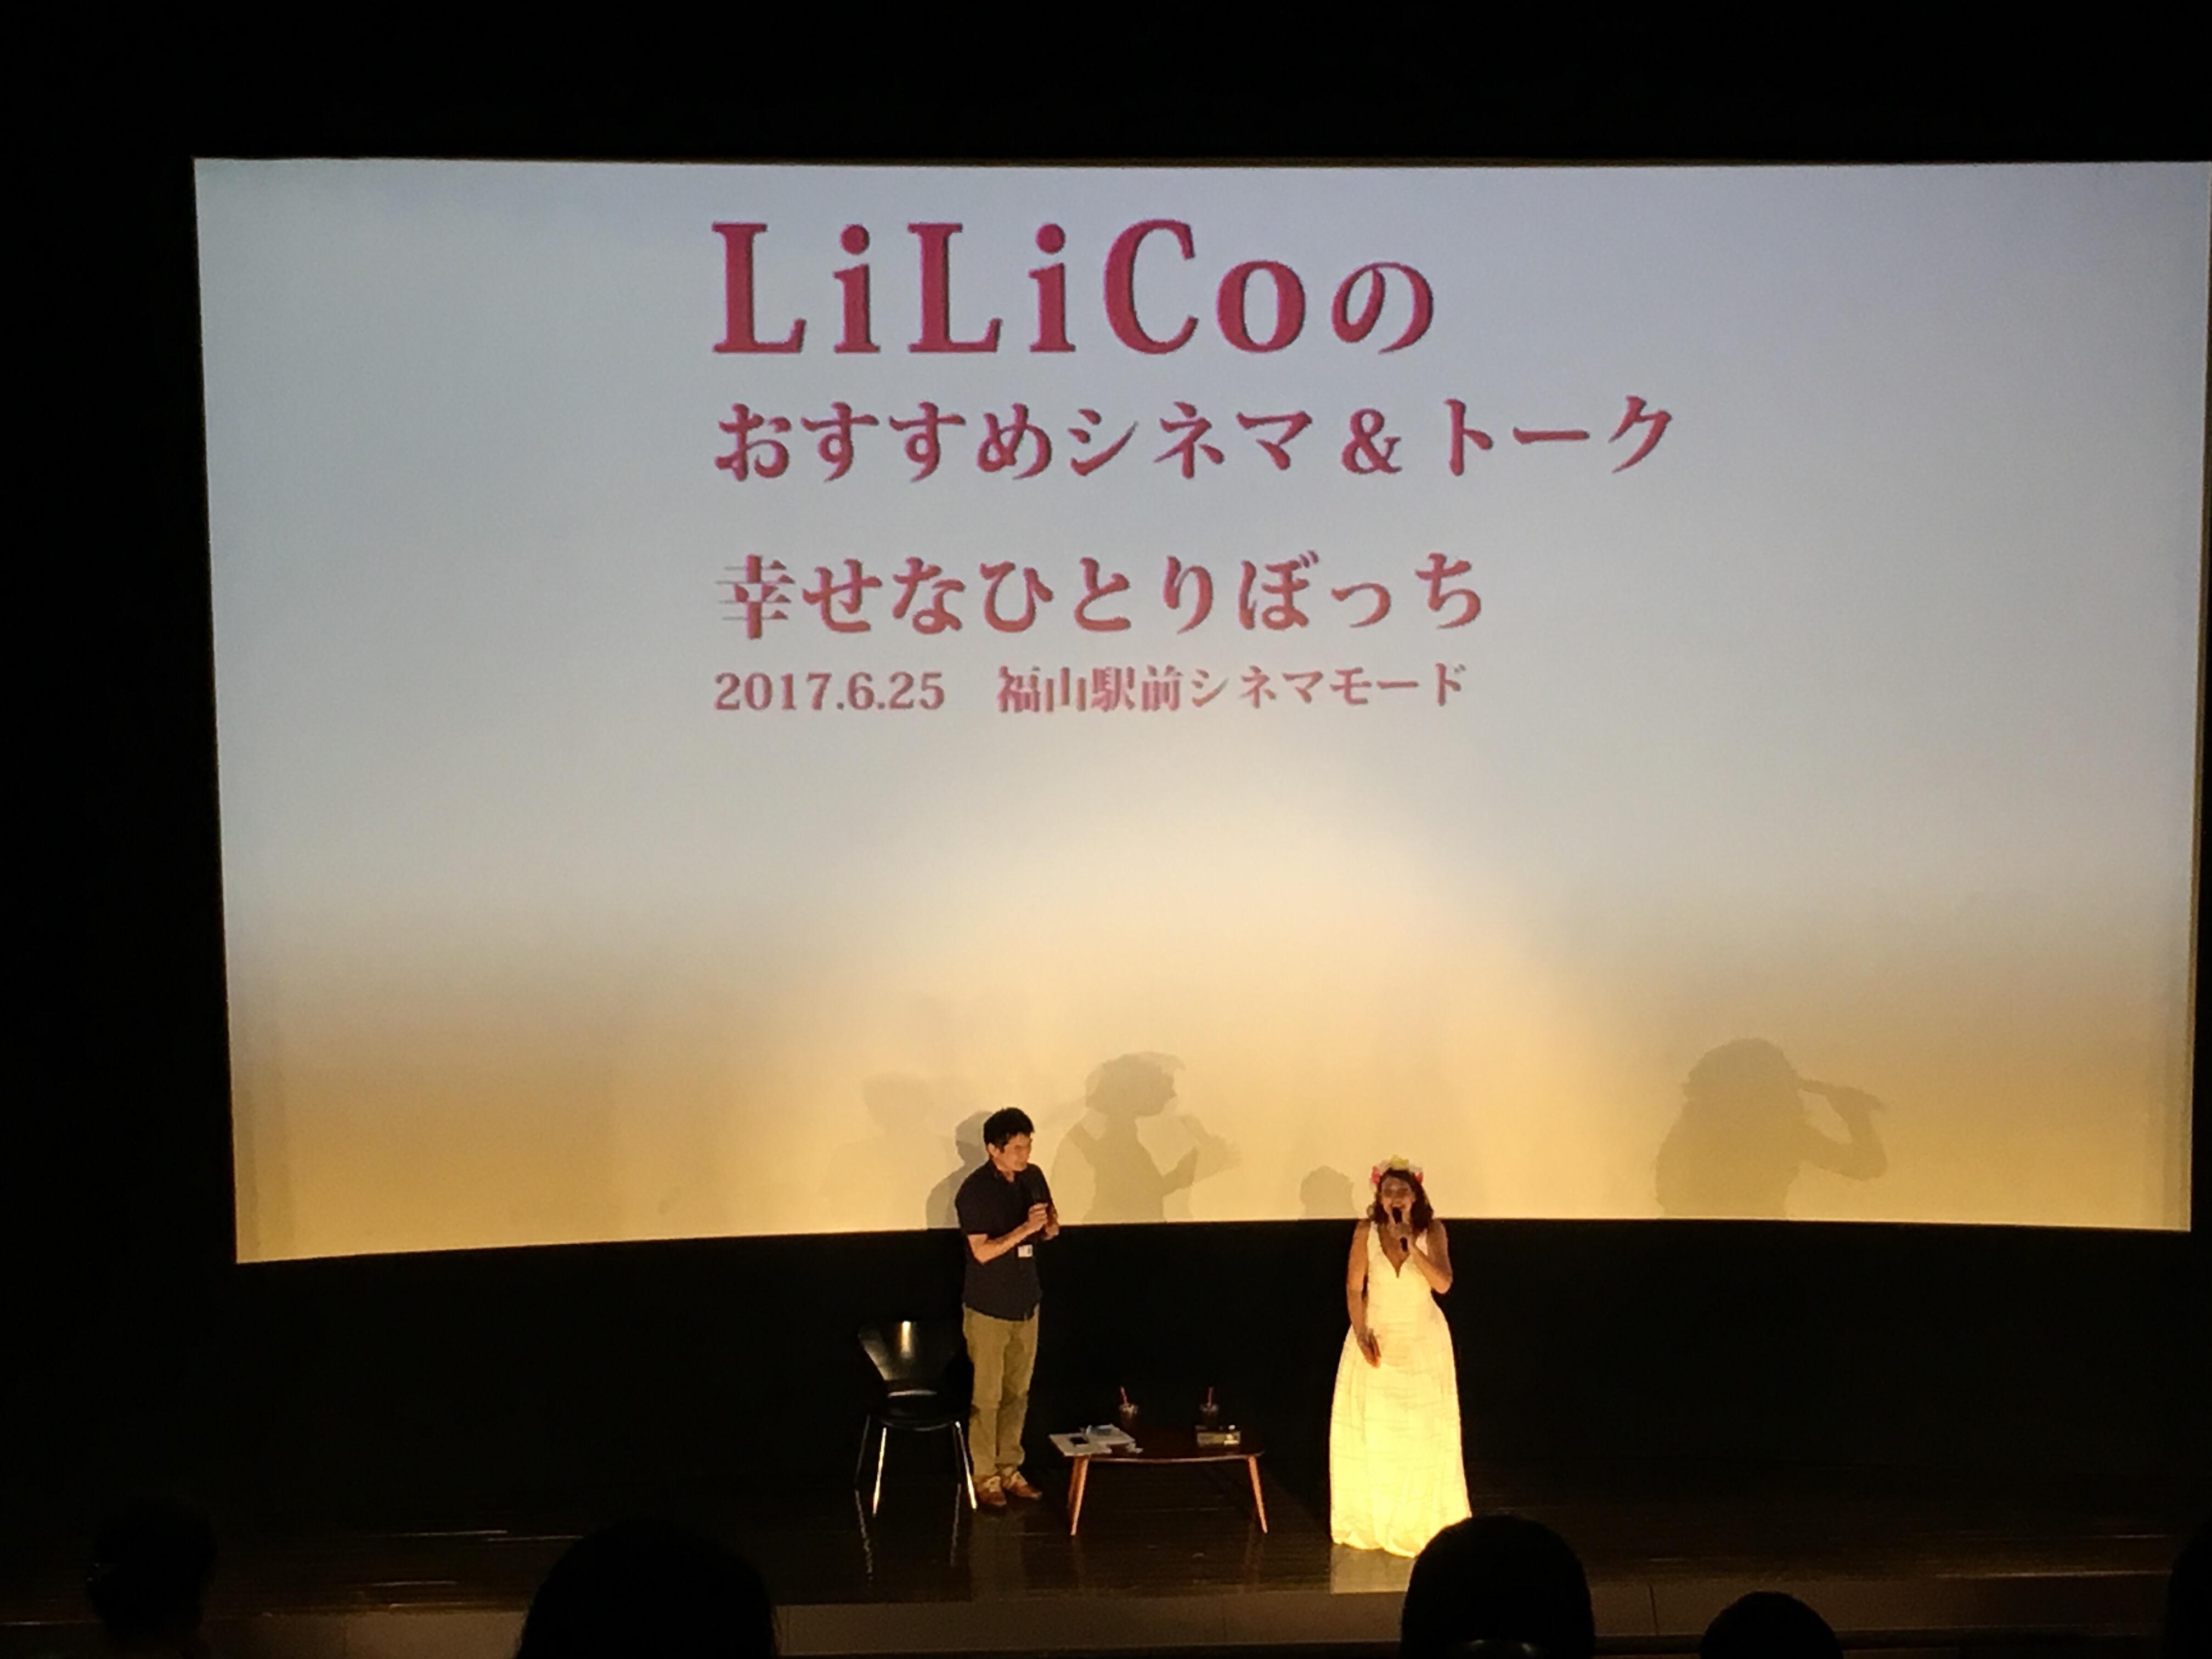 おすすめ 映画 リリコ